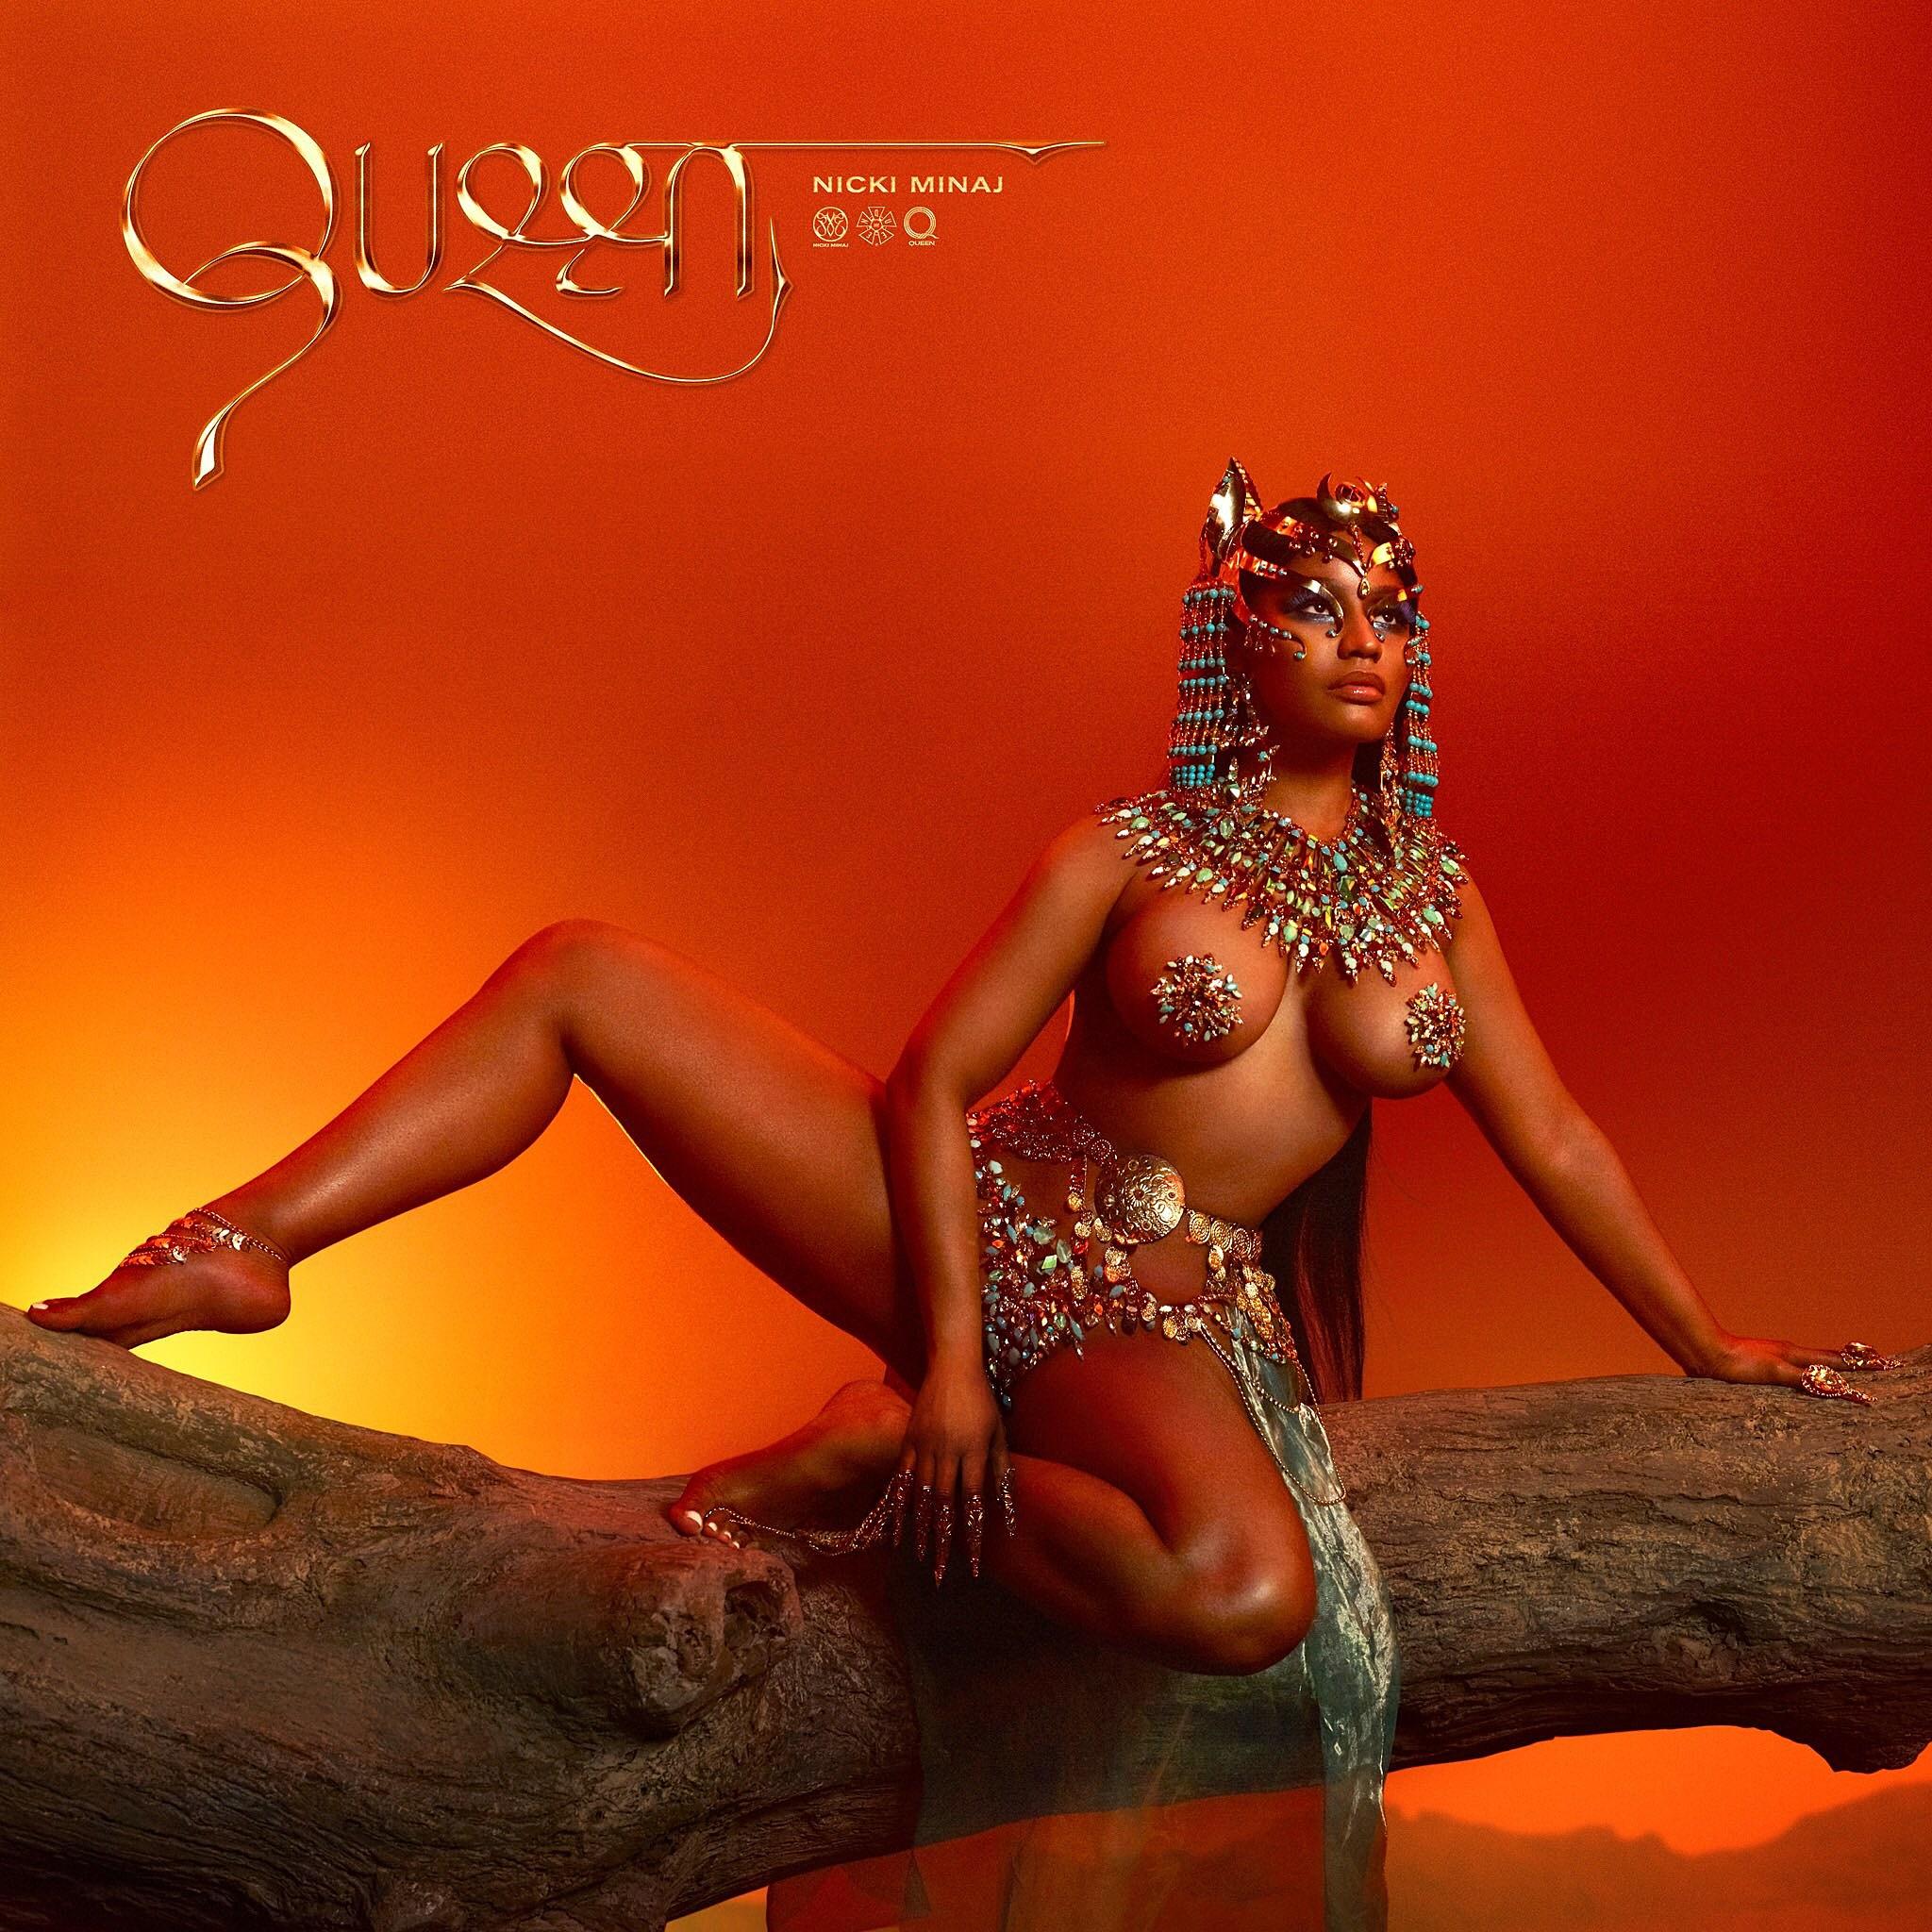 Resultado de imagem para queen nicki minaj cover art album